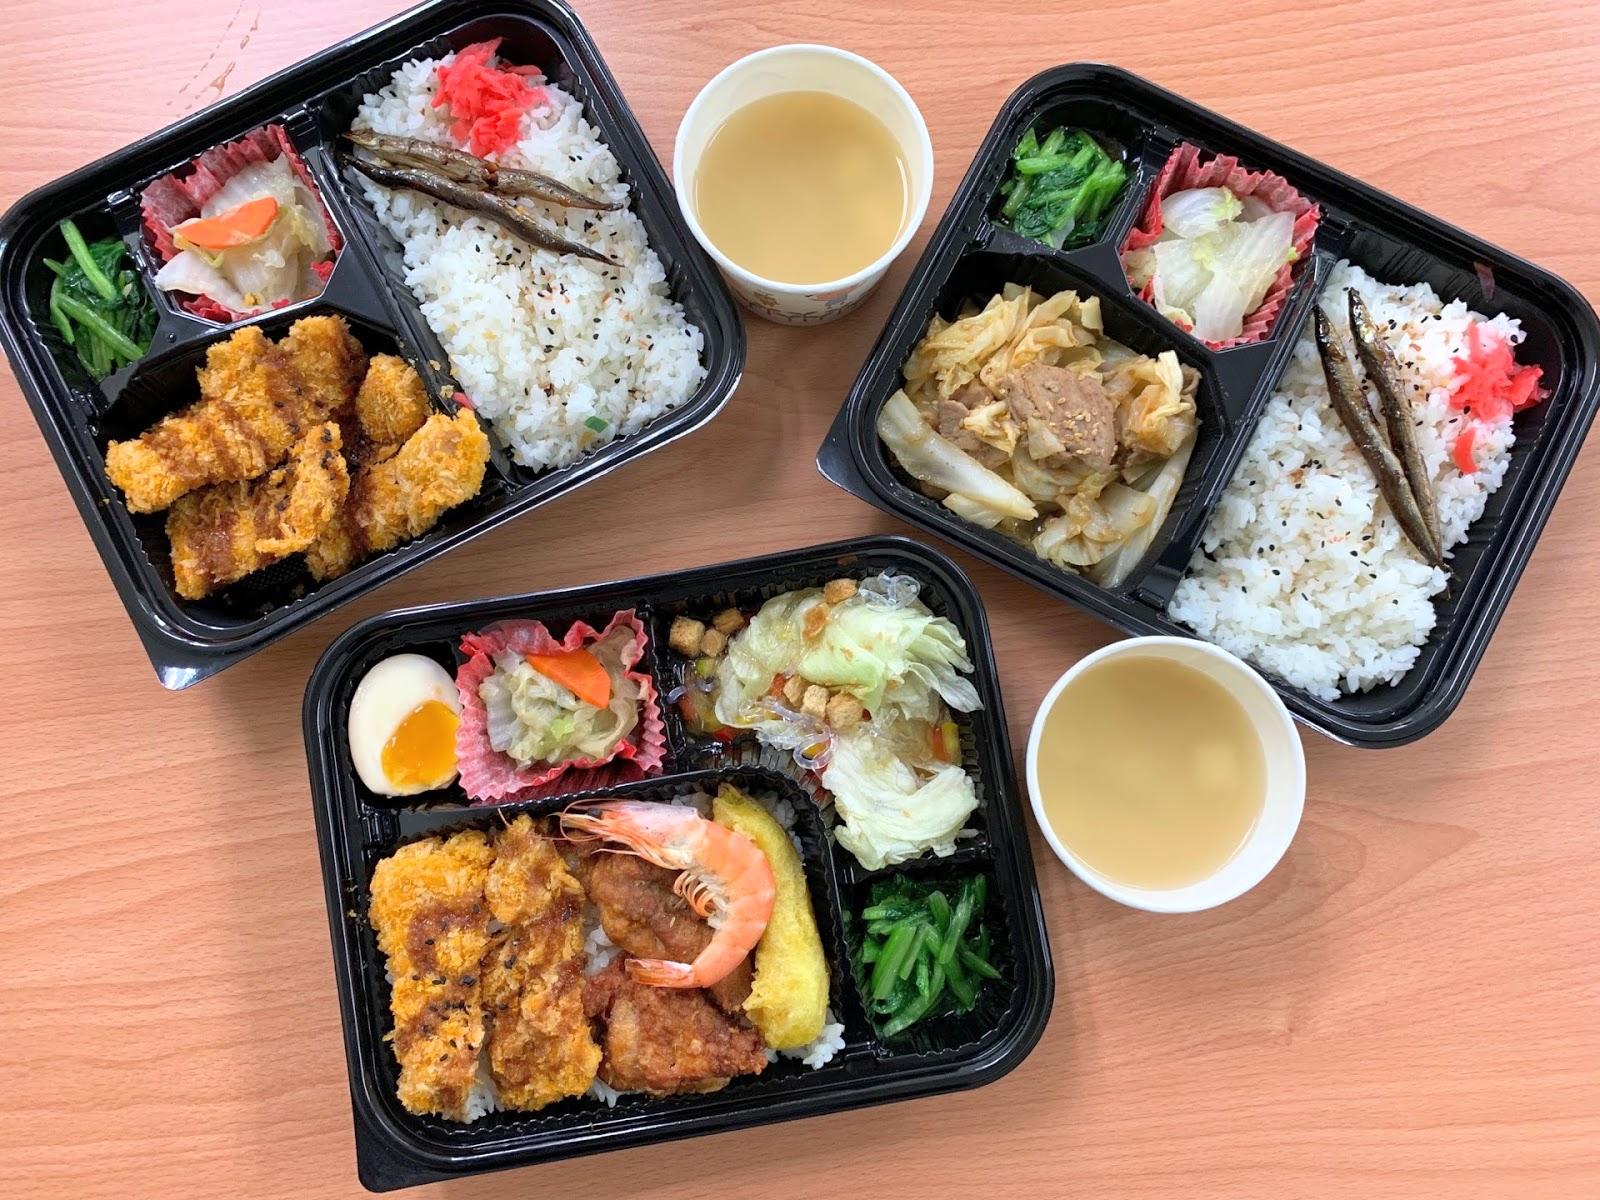 【臺南】【食記】安南區 佐久日式食堂-商業午餐只要80元!可外送,平價大滿足CP值高!